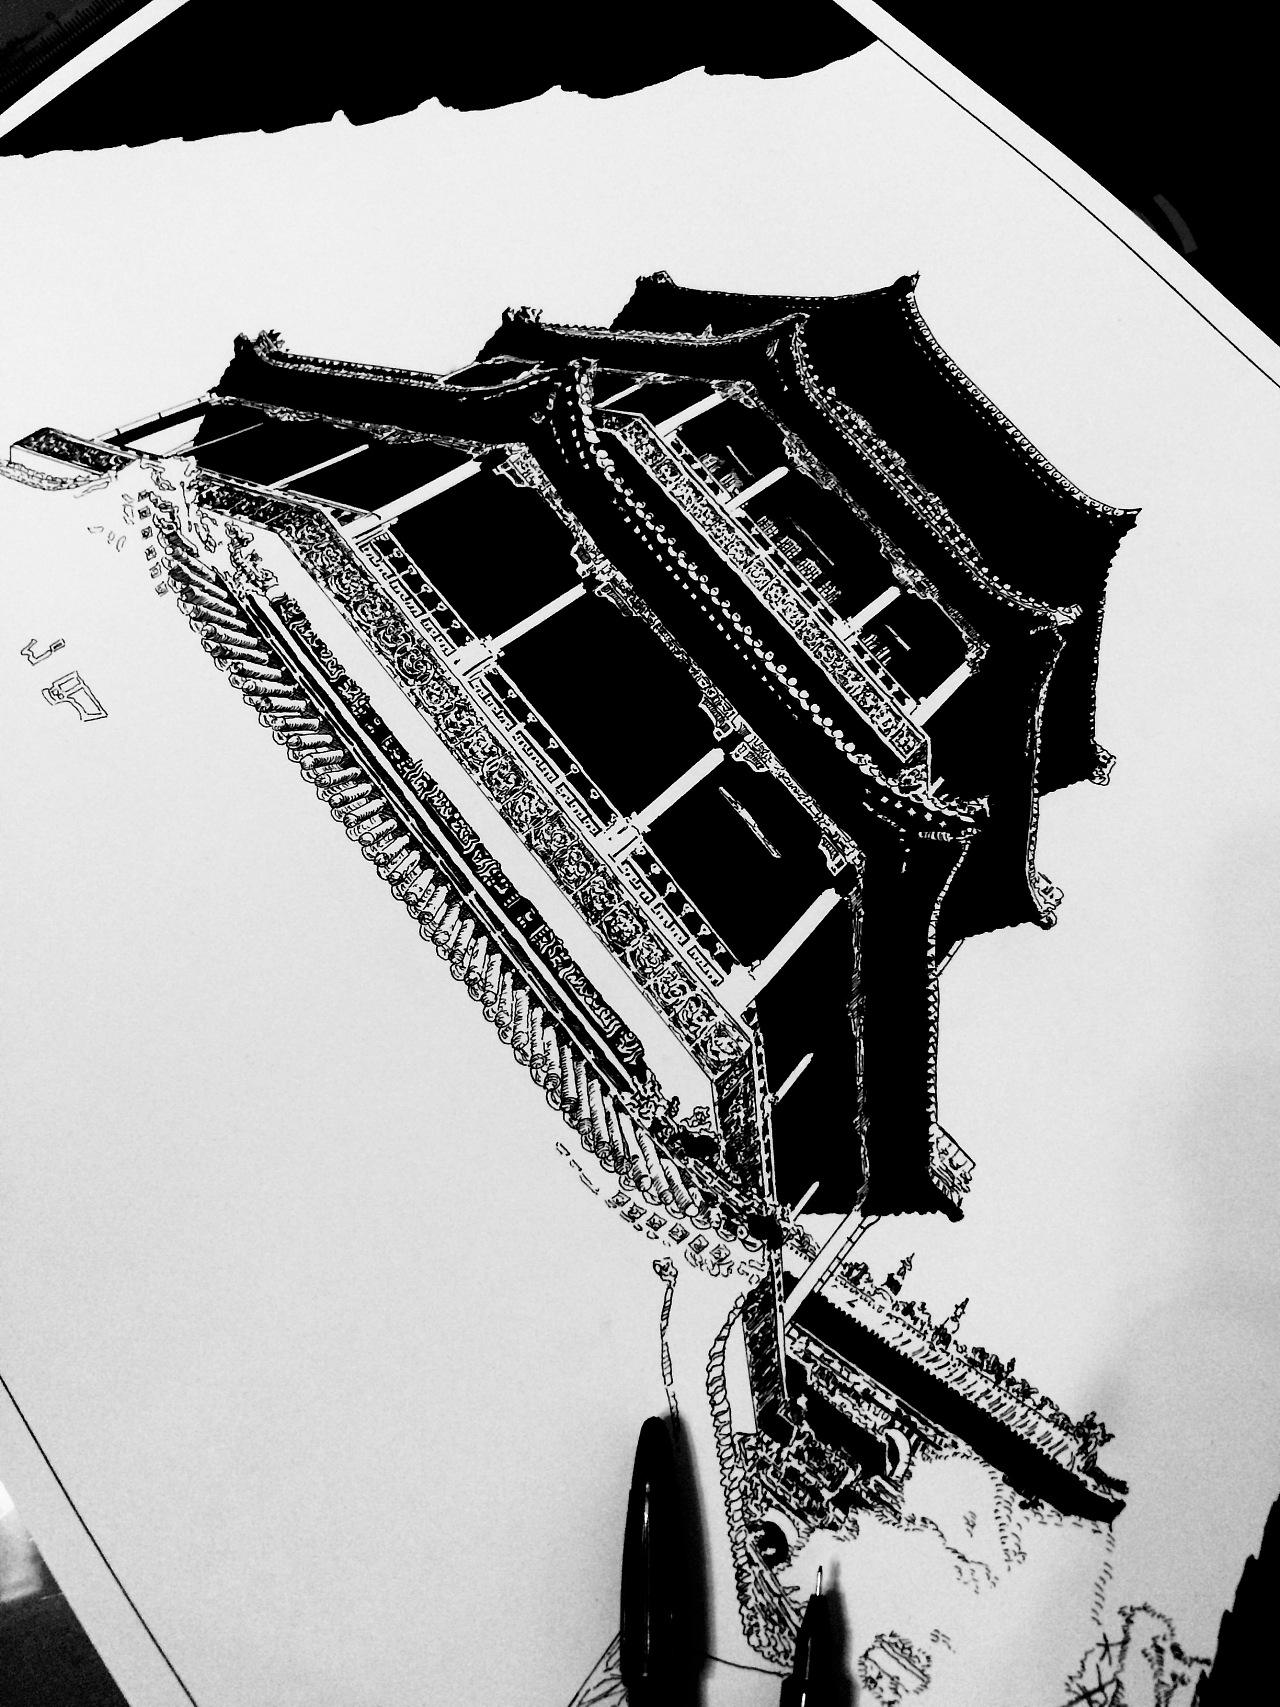 古建筑黑白涂鸦|纯艺术|钢笔画|梦绘虫 - 原创作品